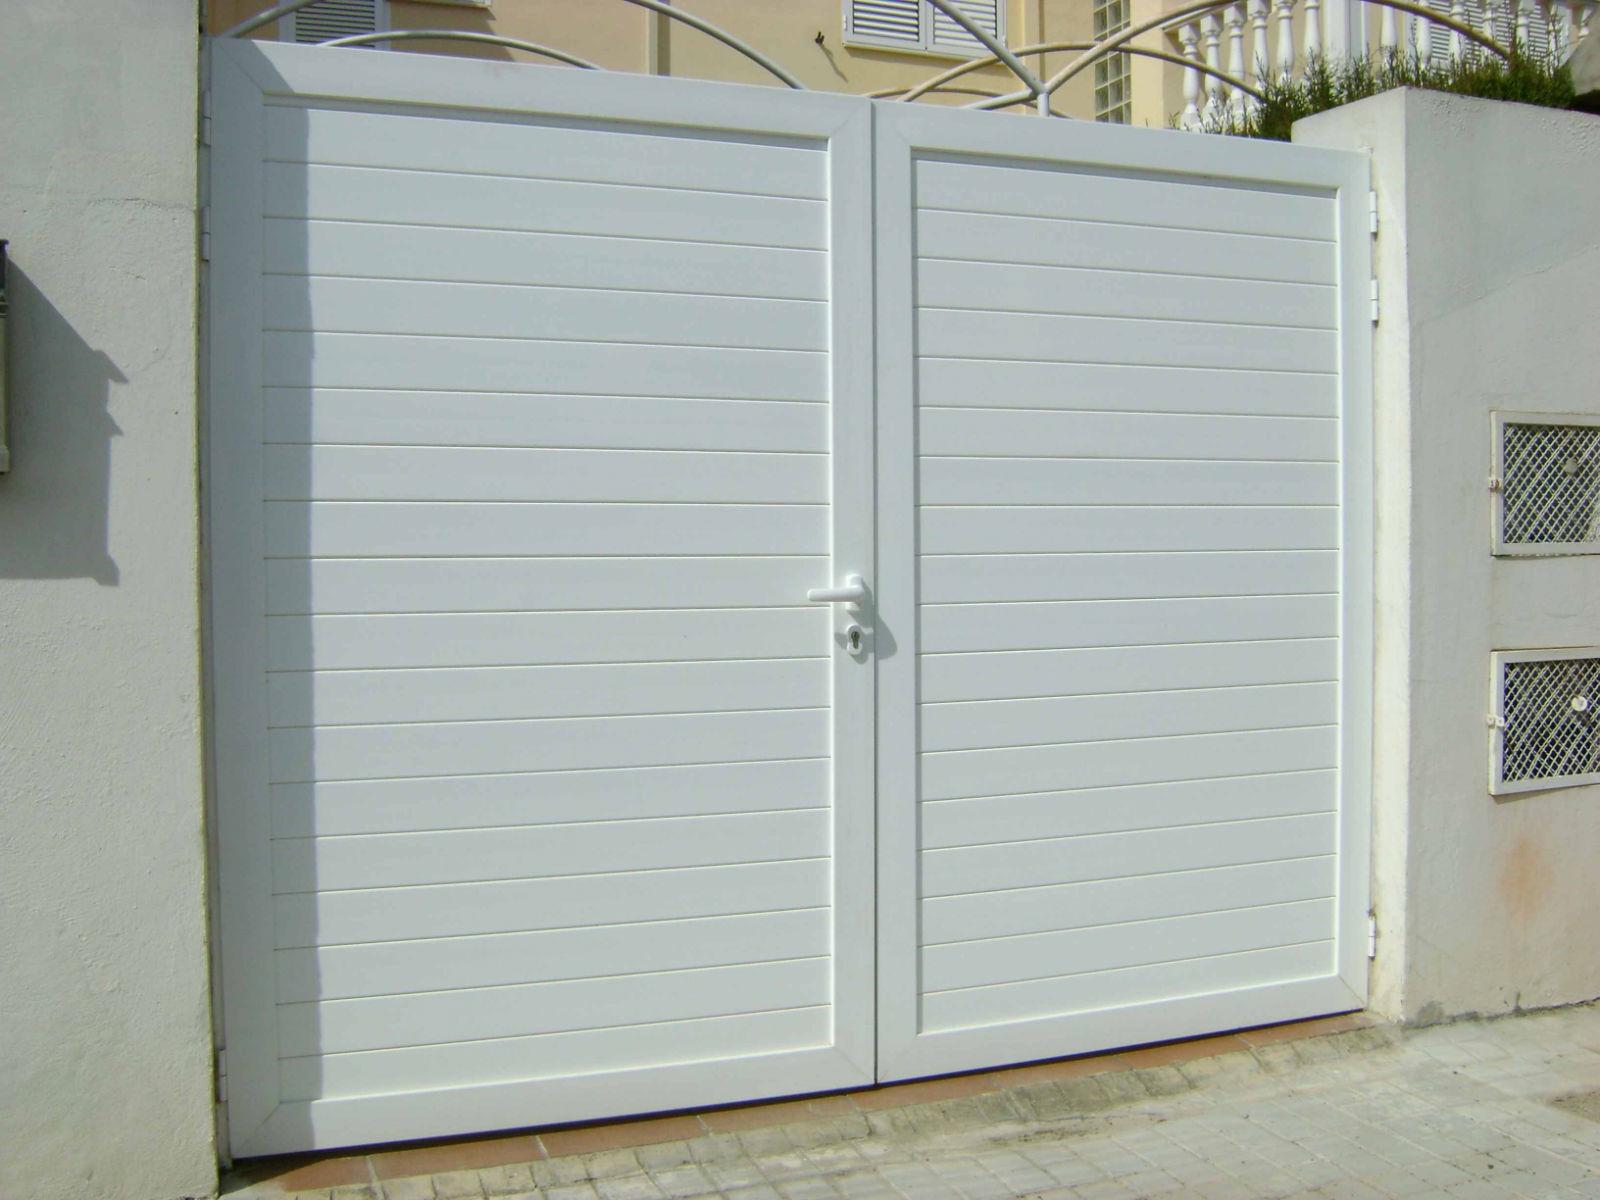 Cristaleriabcn cristaleros y carpinteria de aluminio en for Puertas en aluminio